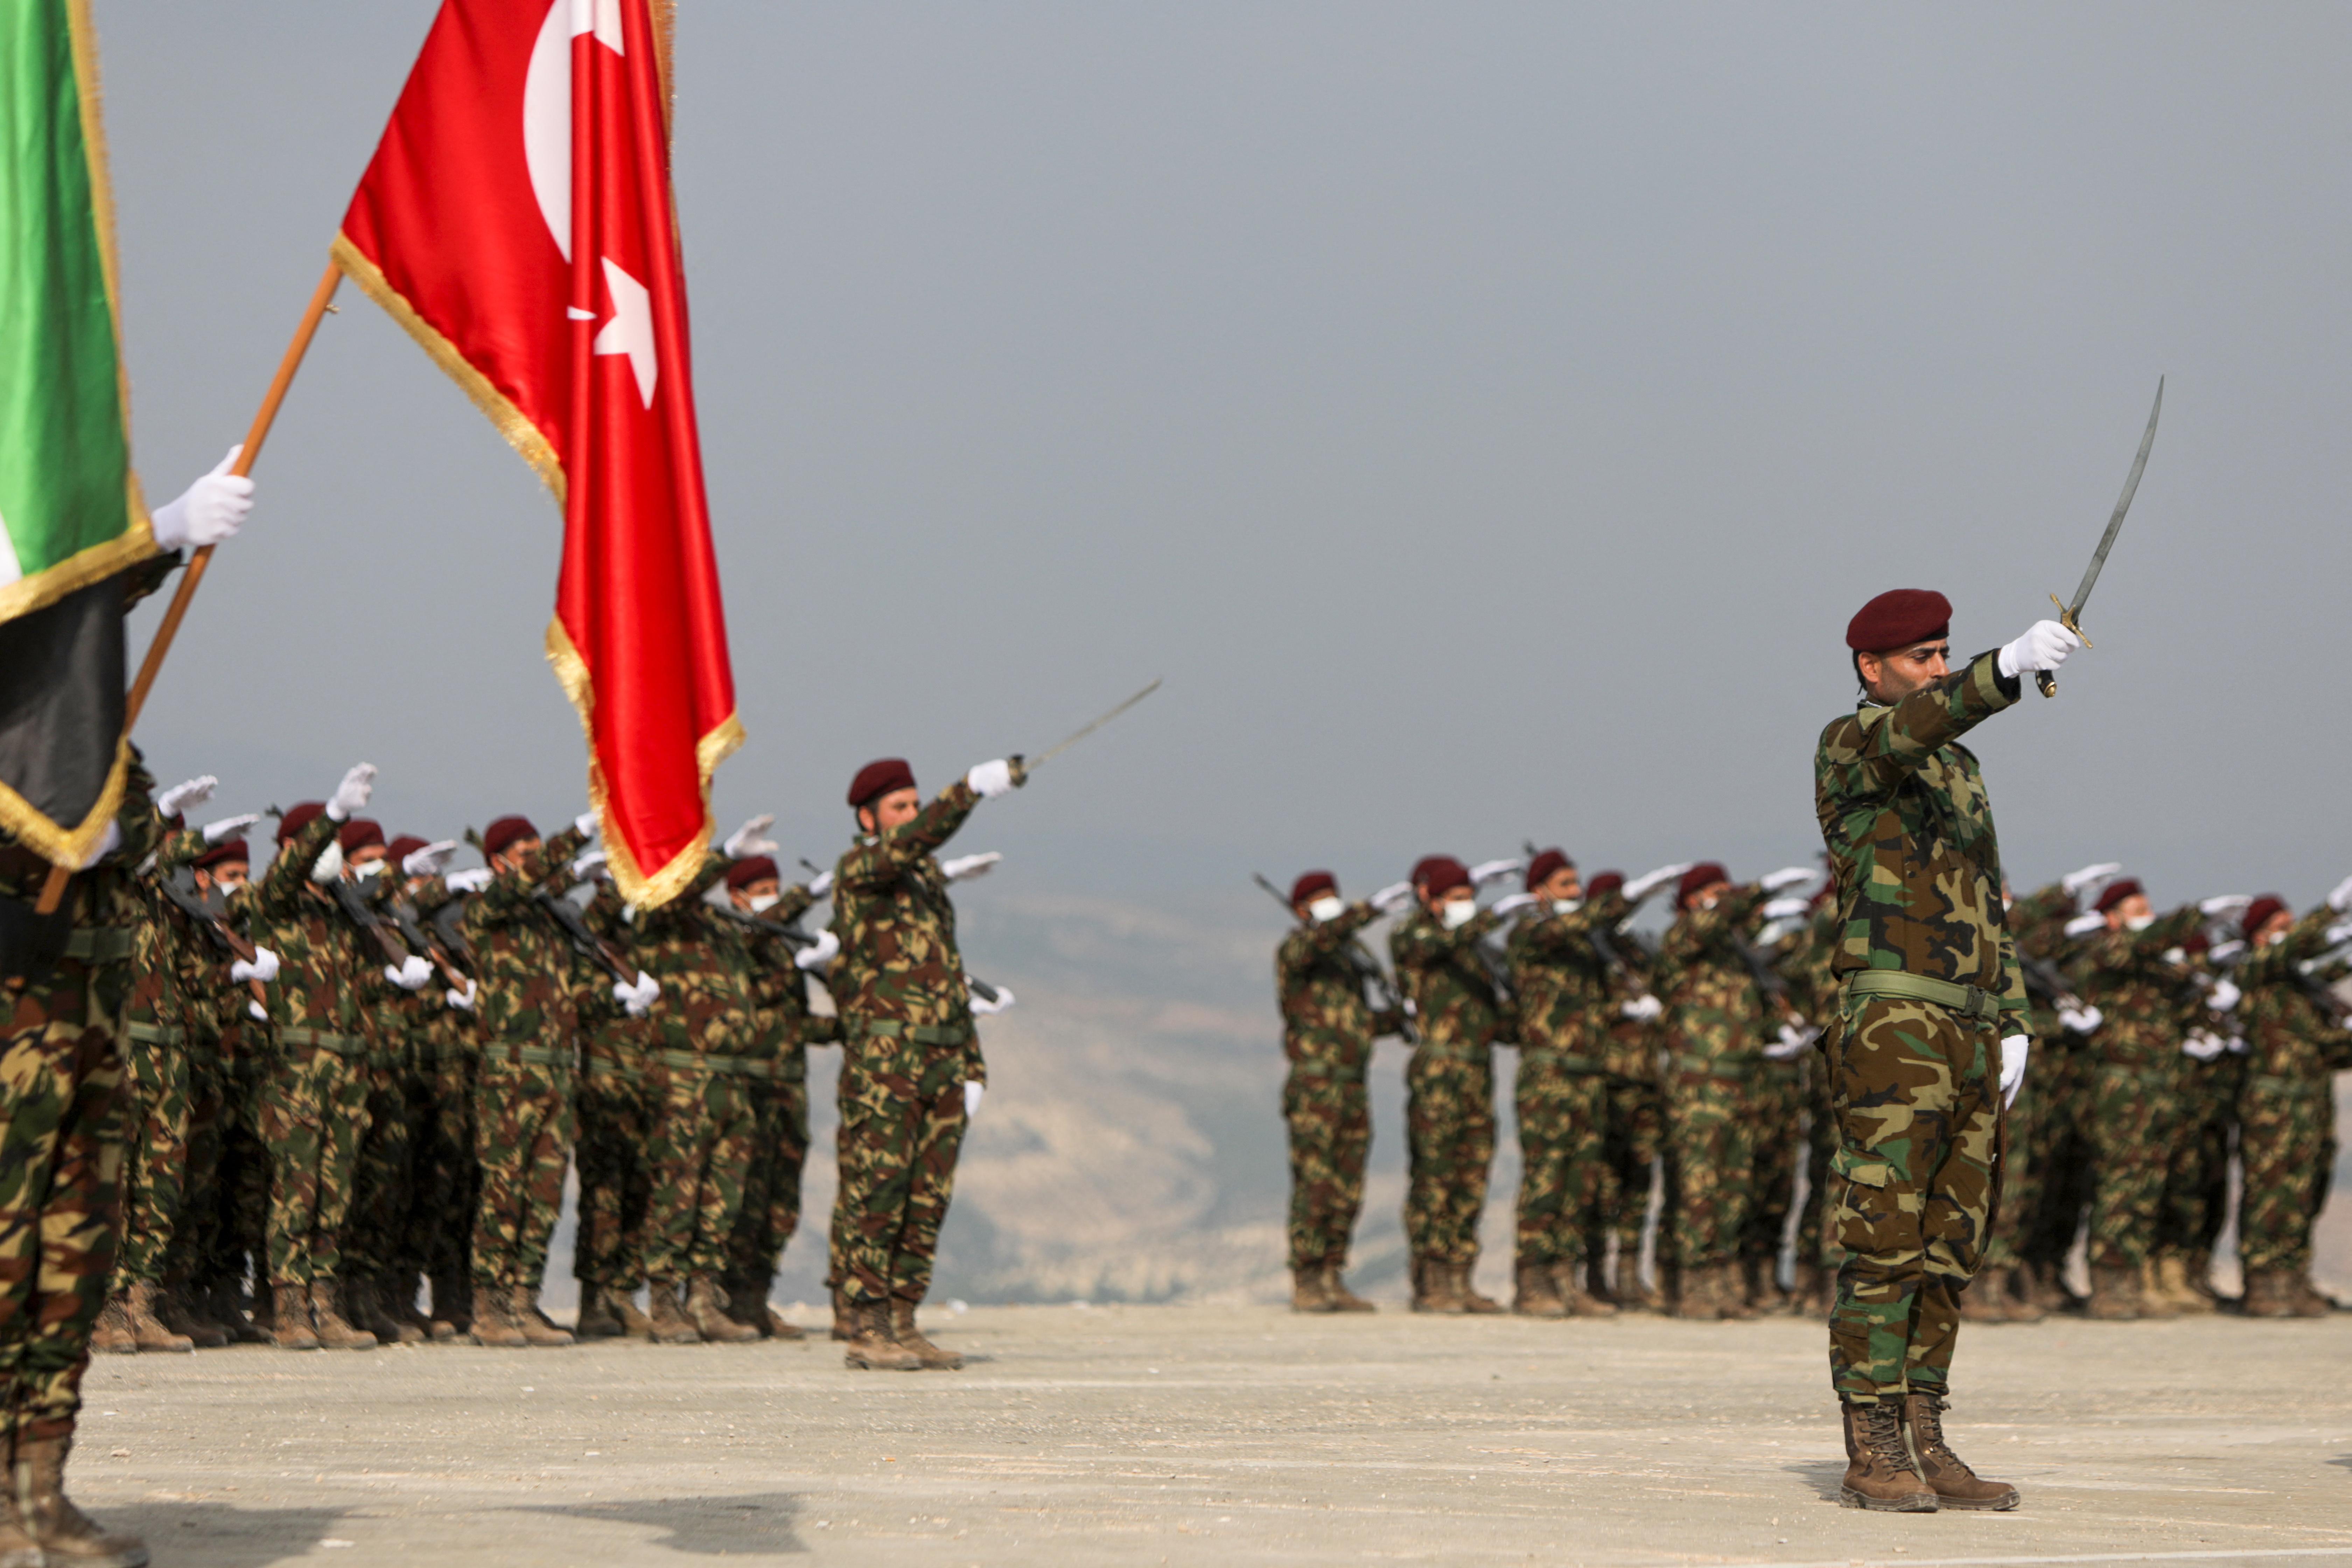 قادة فصائل مسلحة موالية لتركيا يتملكون مشاريع استثمارية